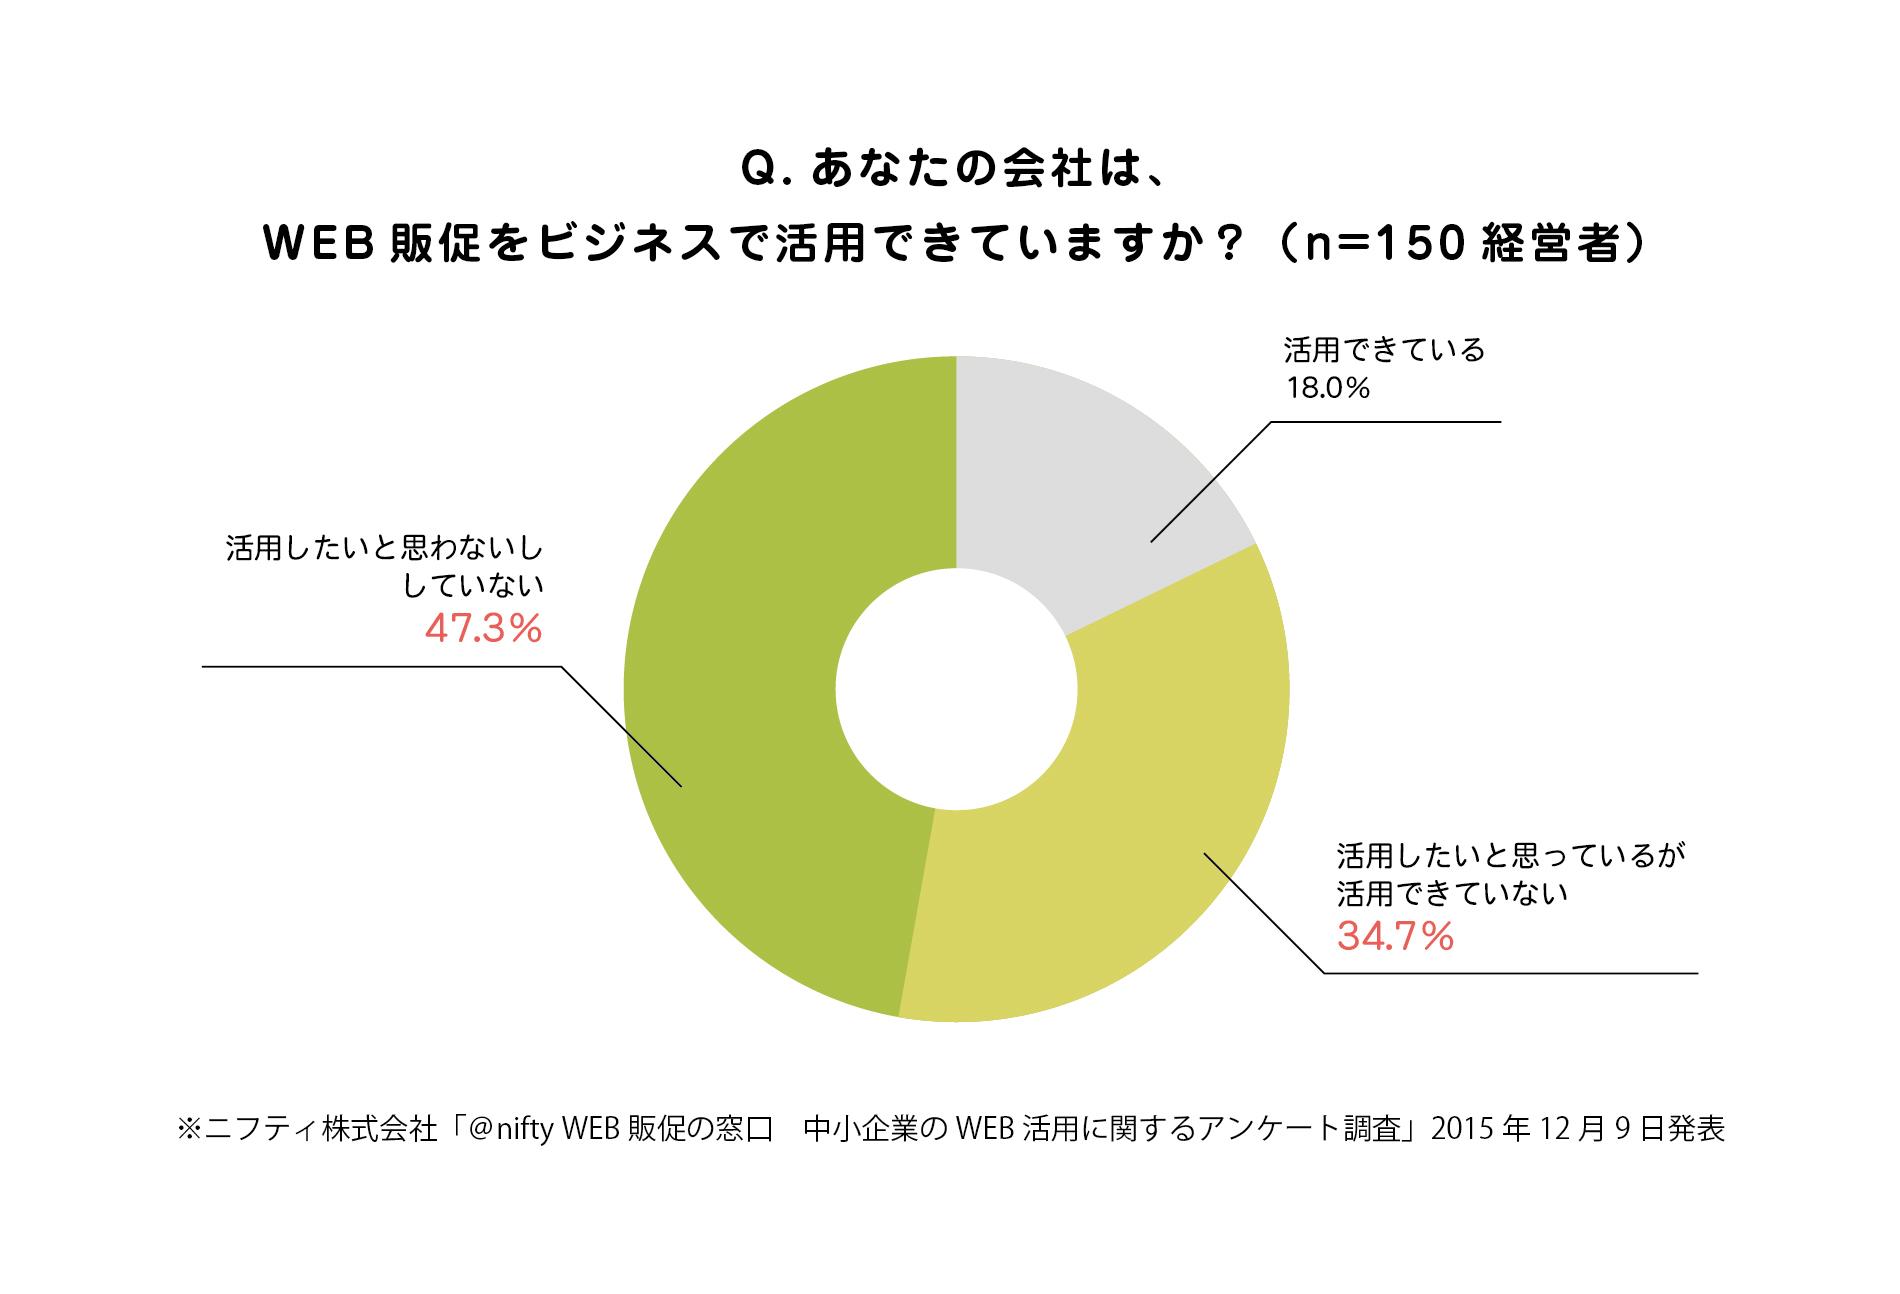 ニフティ株式会社「@nifty WEB販促の窓口 中小企業のWEB活用に関するアンケート調査」